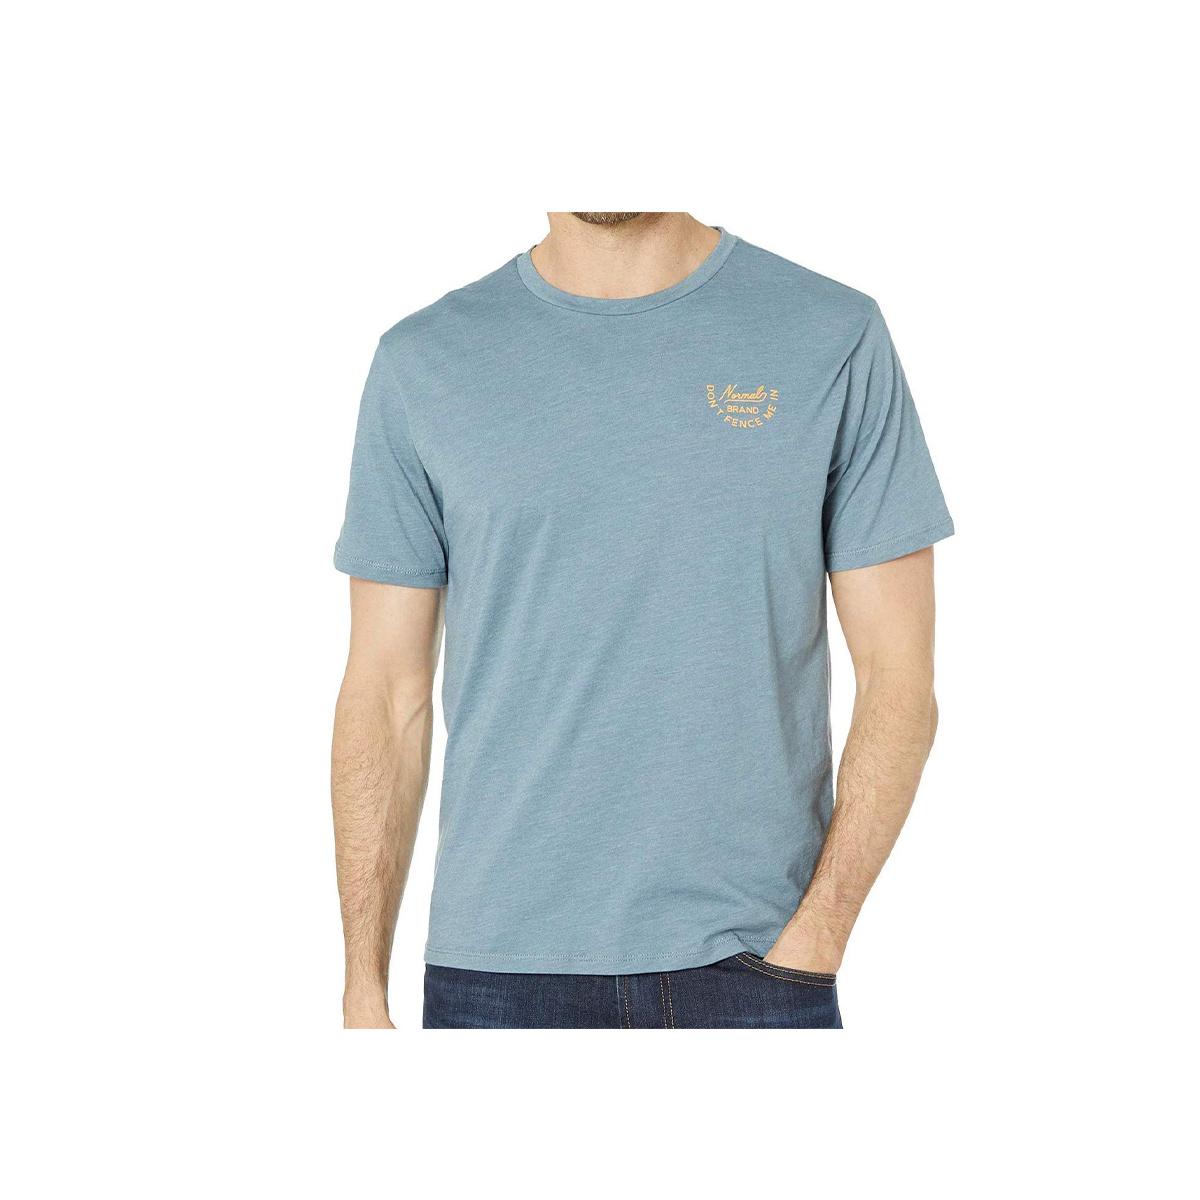 The Normal Brand Men's Ranger Tee Short Sleeve